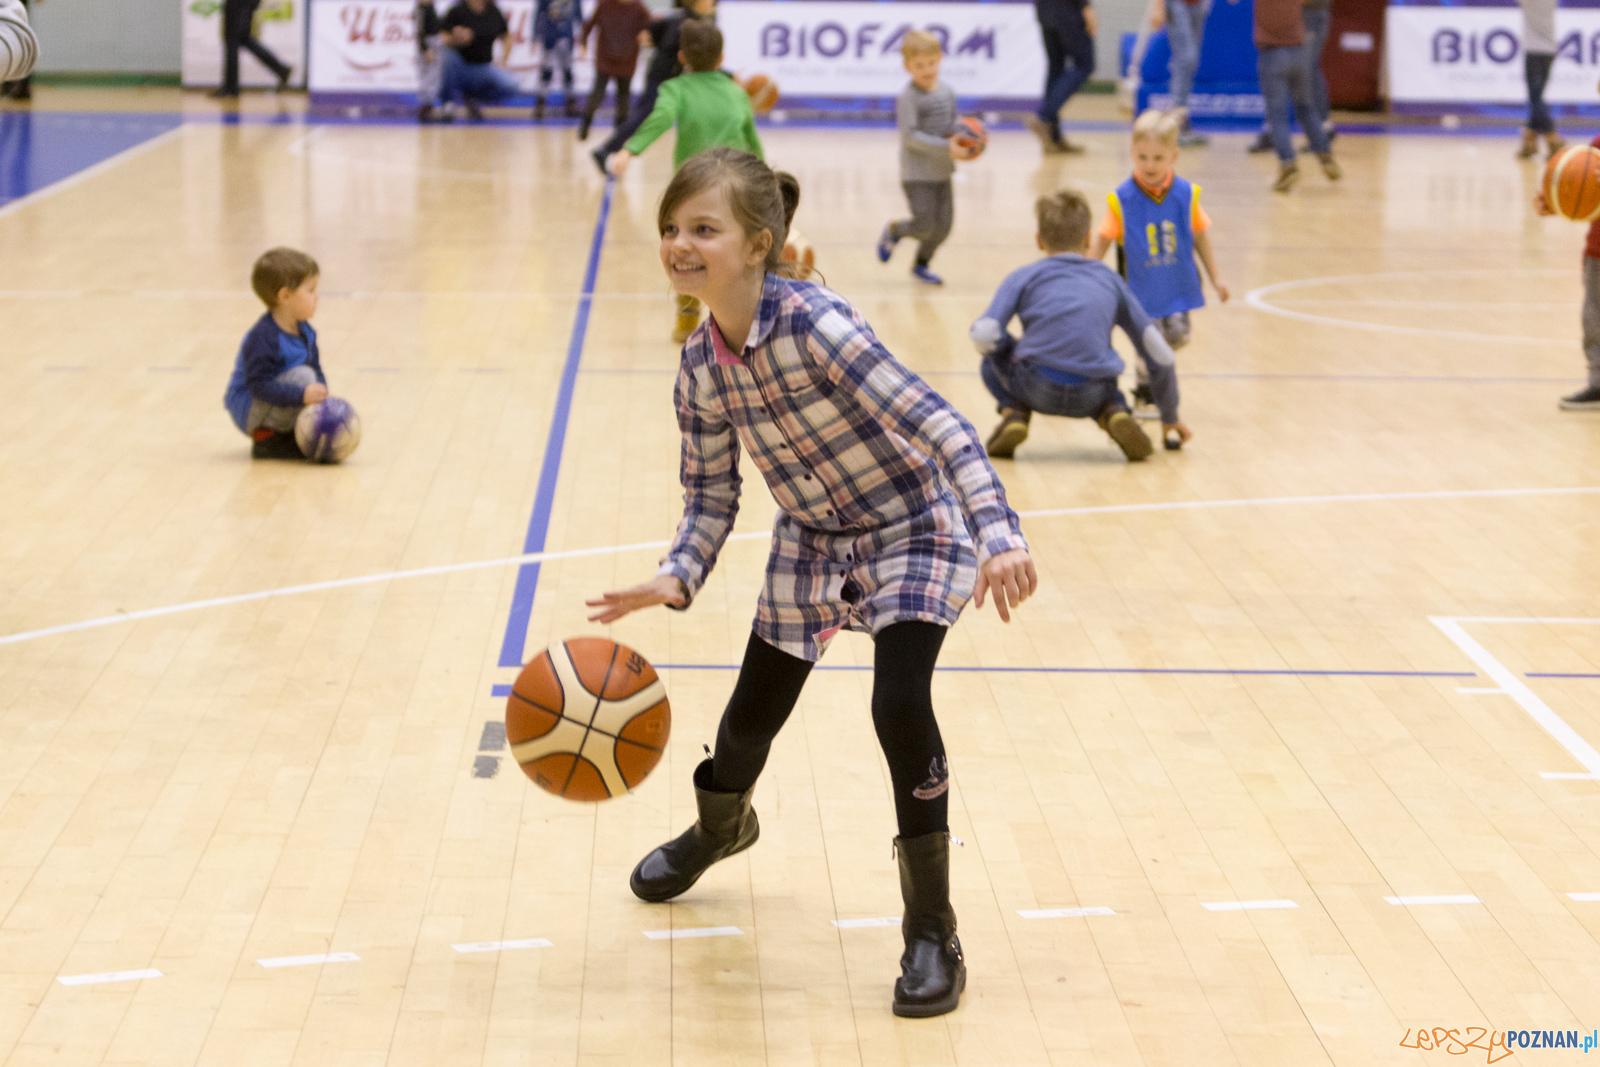 Biofarm Basket Poznań - Energa Kotwica Kołobrzeg  Foto: lepszyPOZNAN.pl/Piotr Rychter